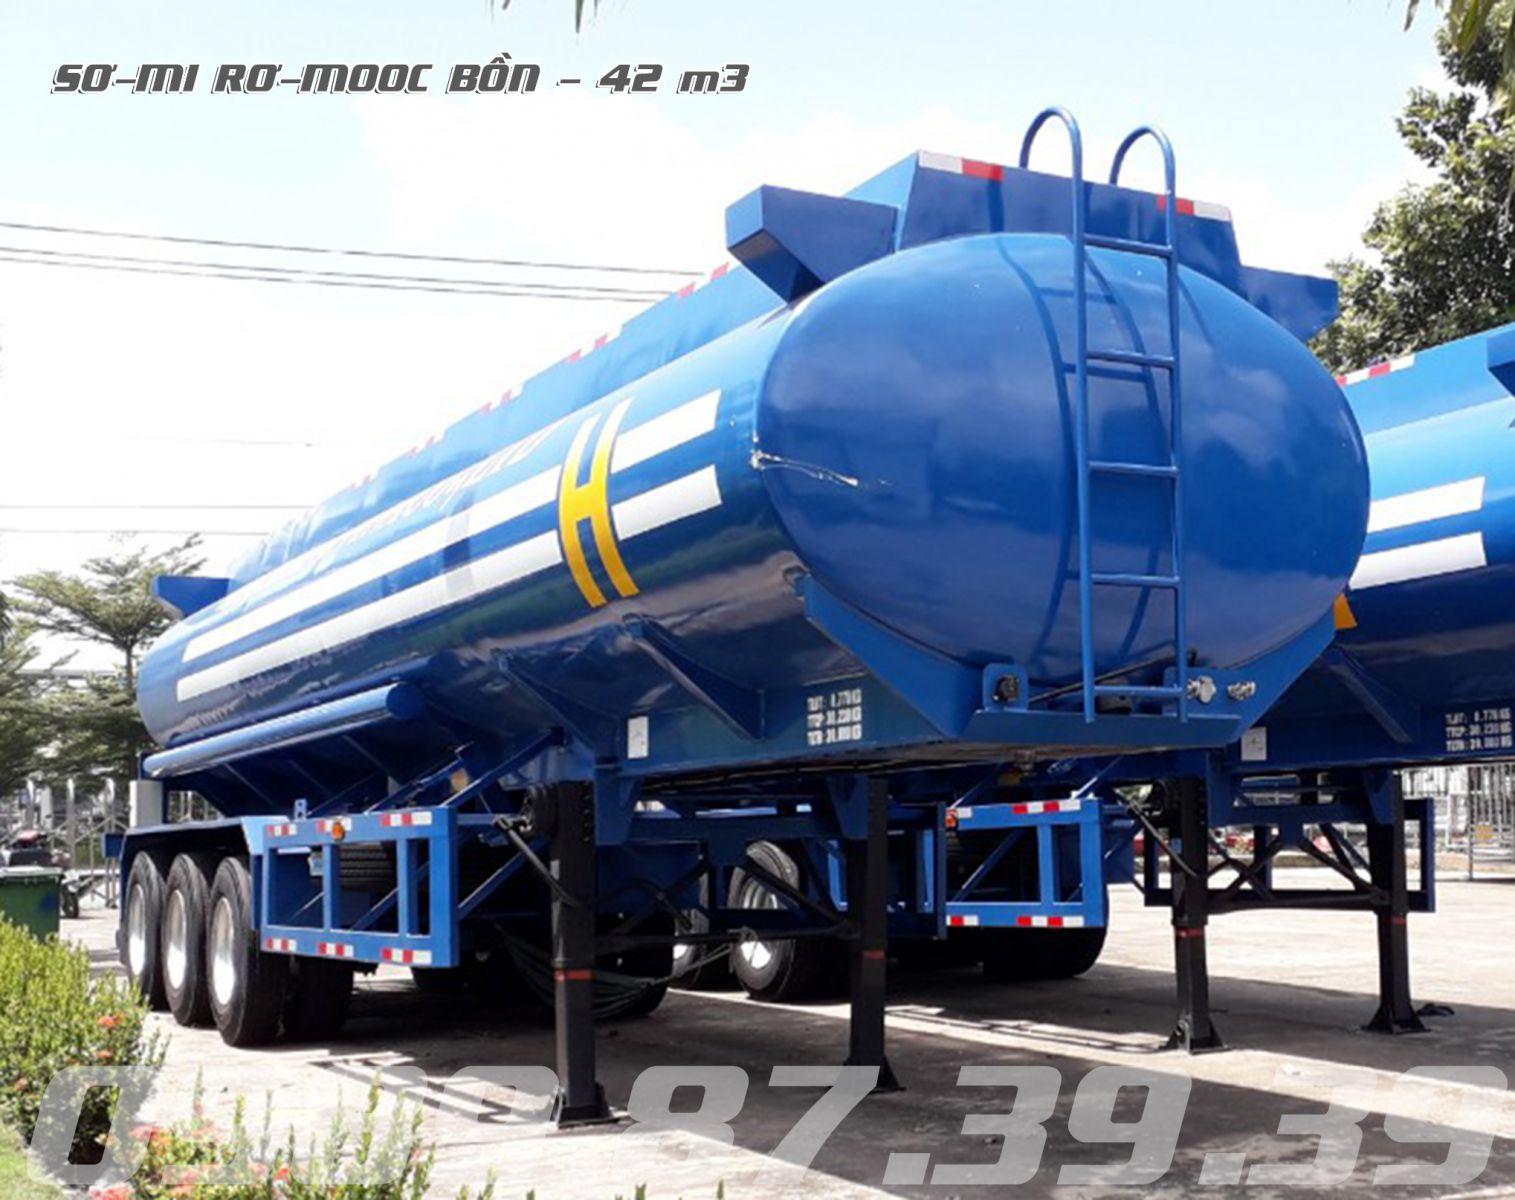 Rơ mooc bồn chở xăng dầu 42m3 khối